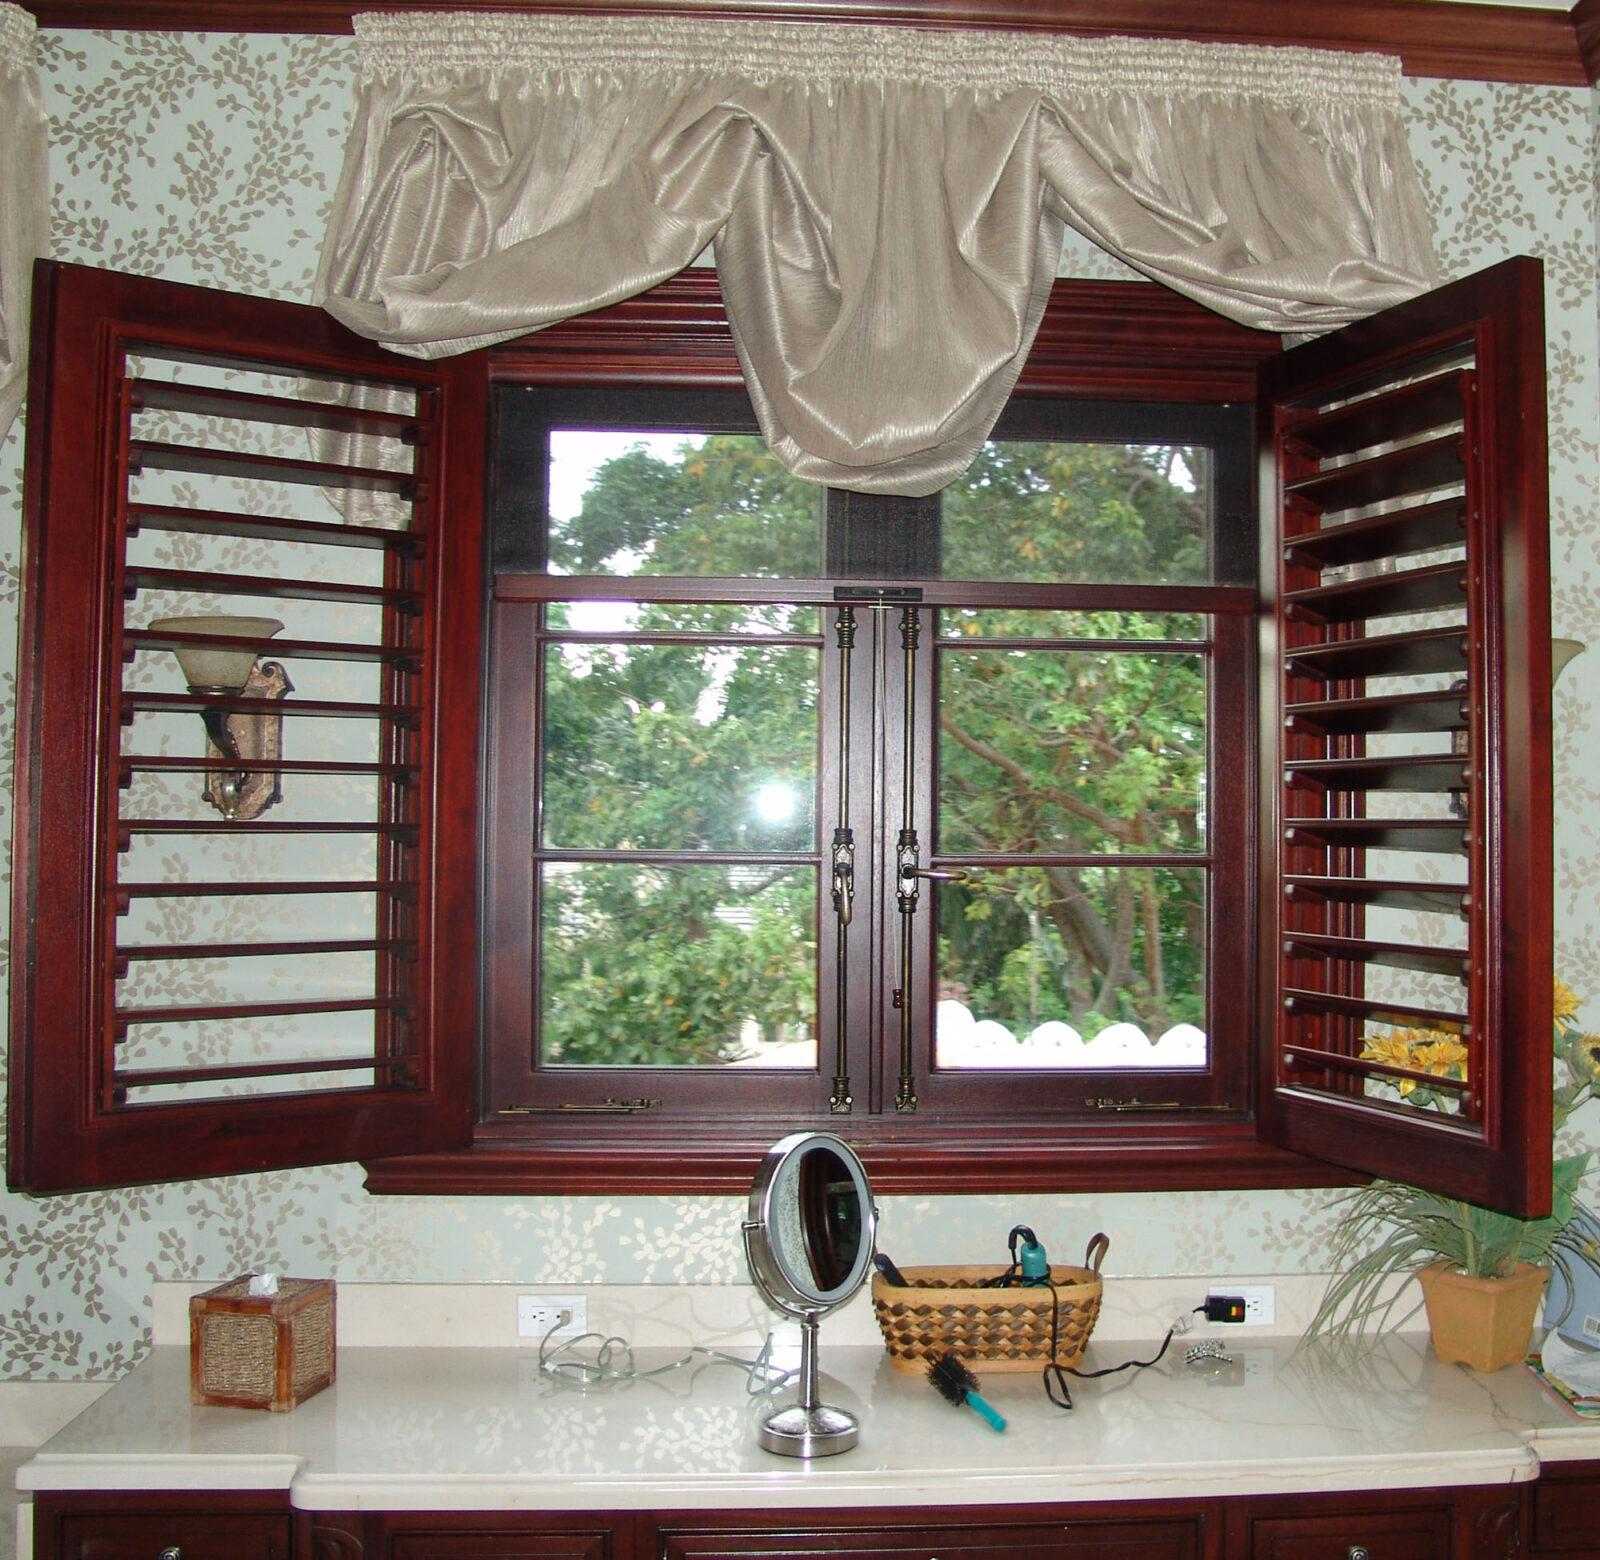 JUPITER MAHOGANY WINDOWS WITH BAHAMA SHUTTERS